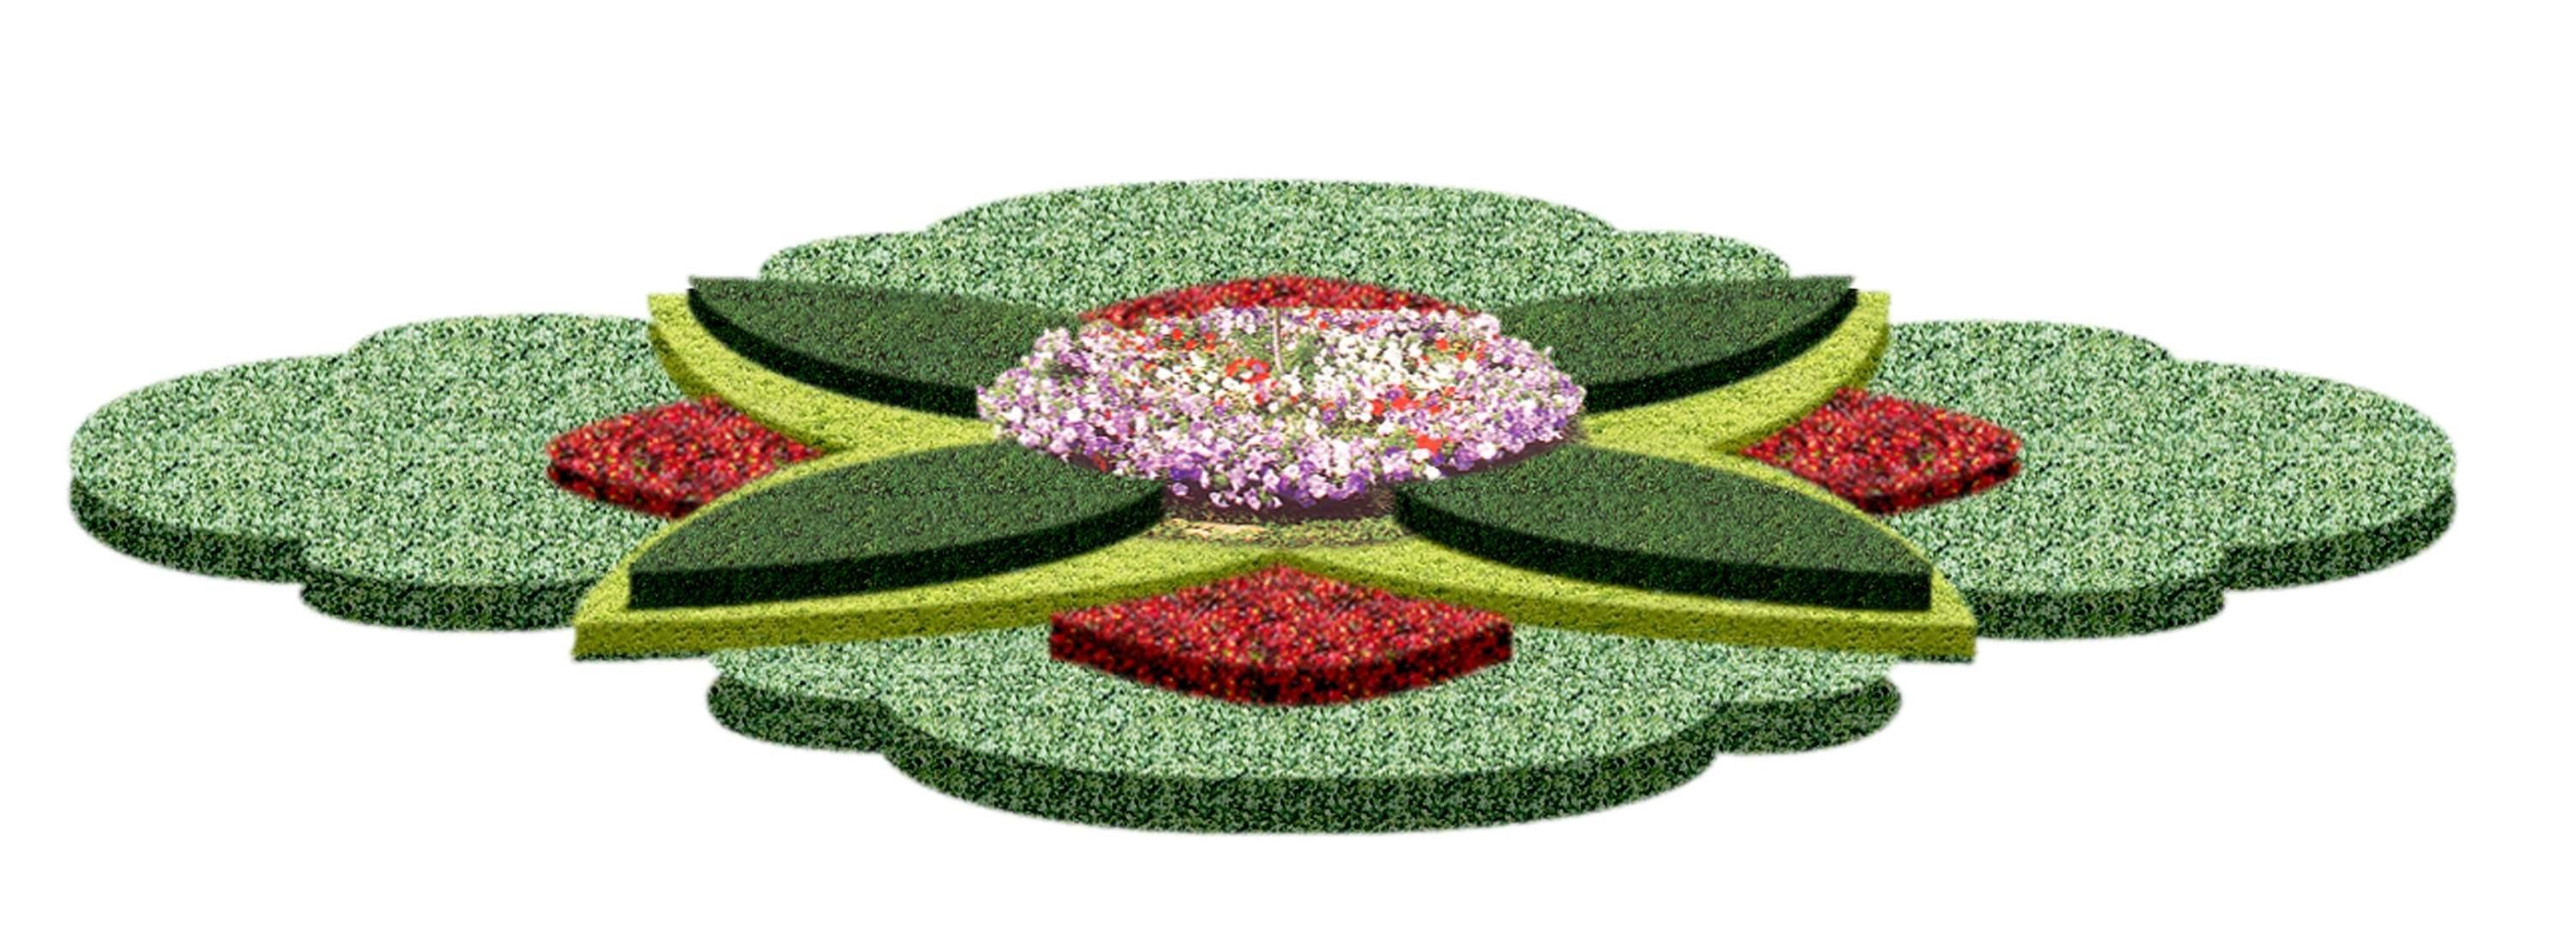 花坛素材材质图片零柒玖